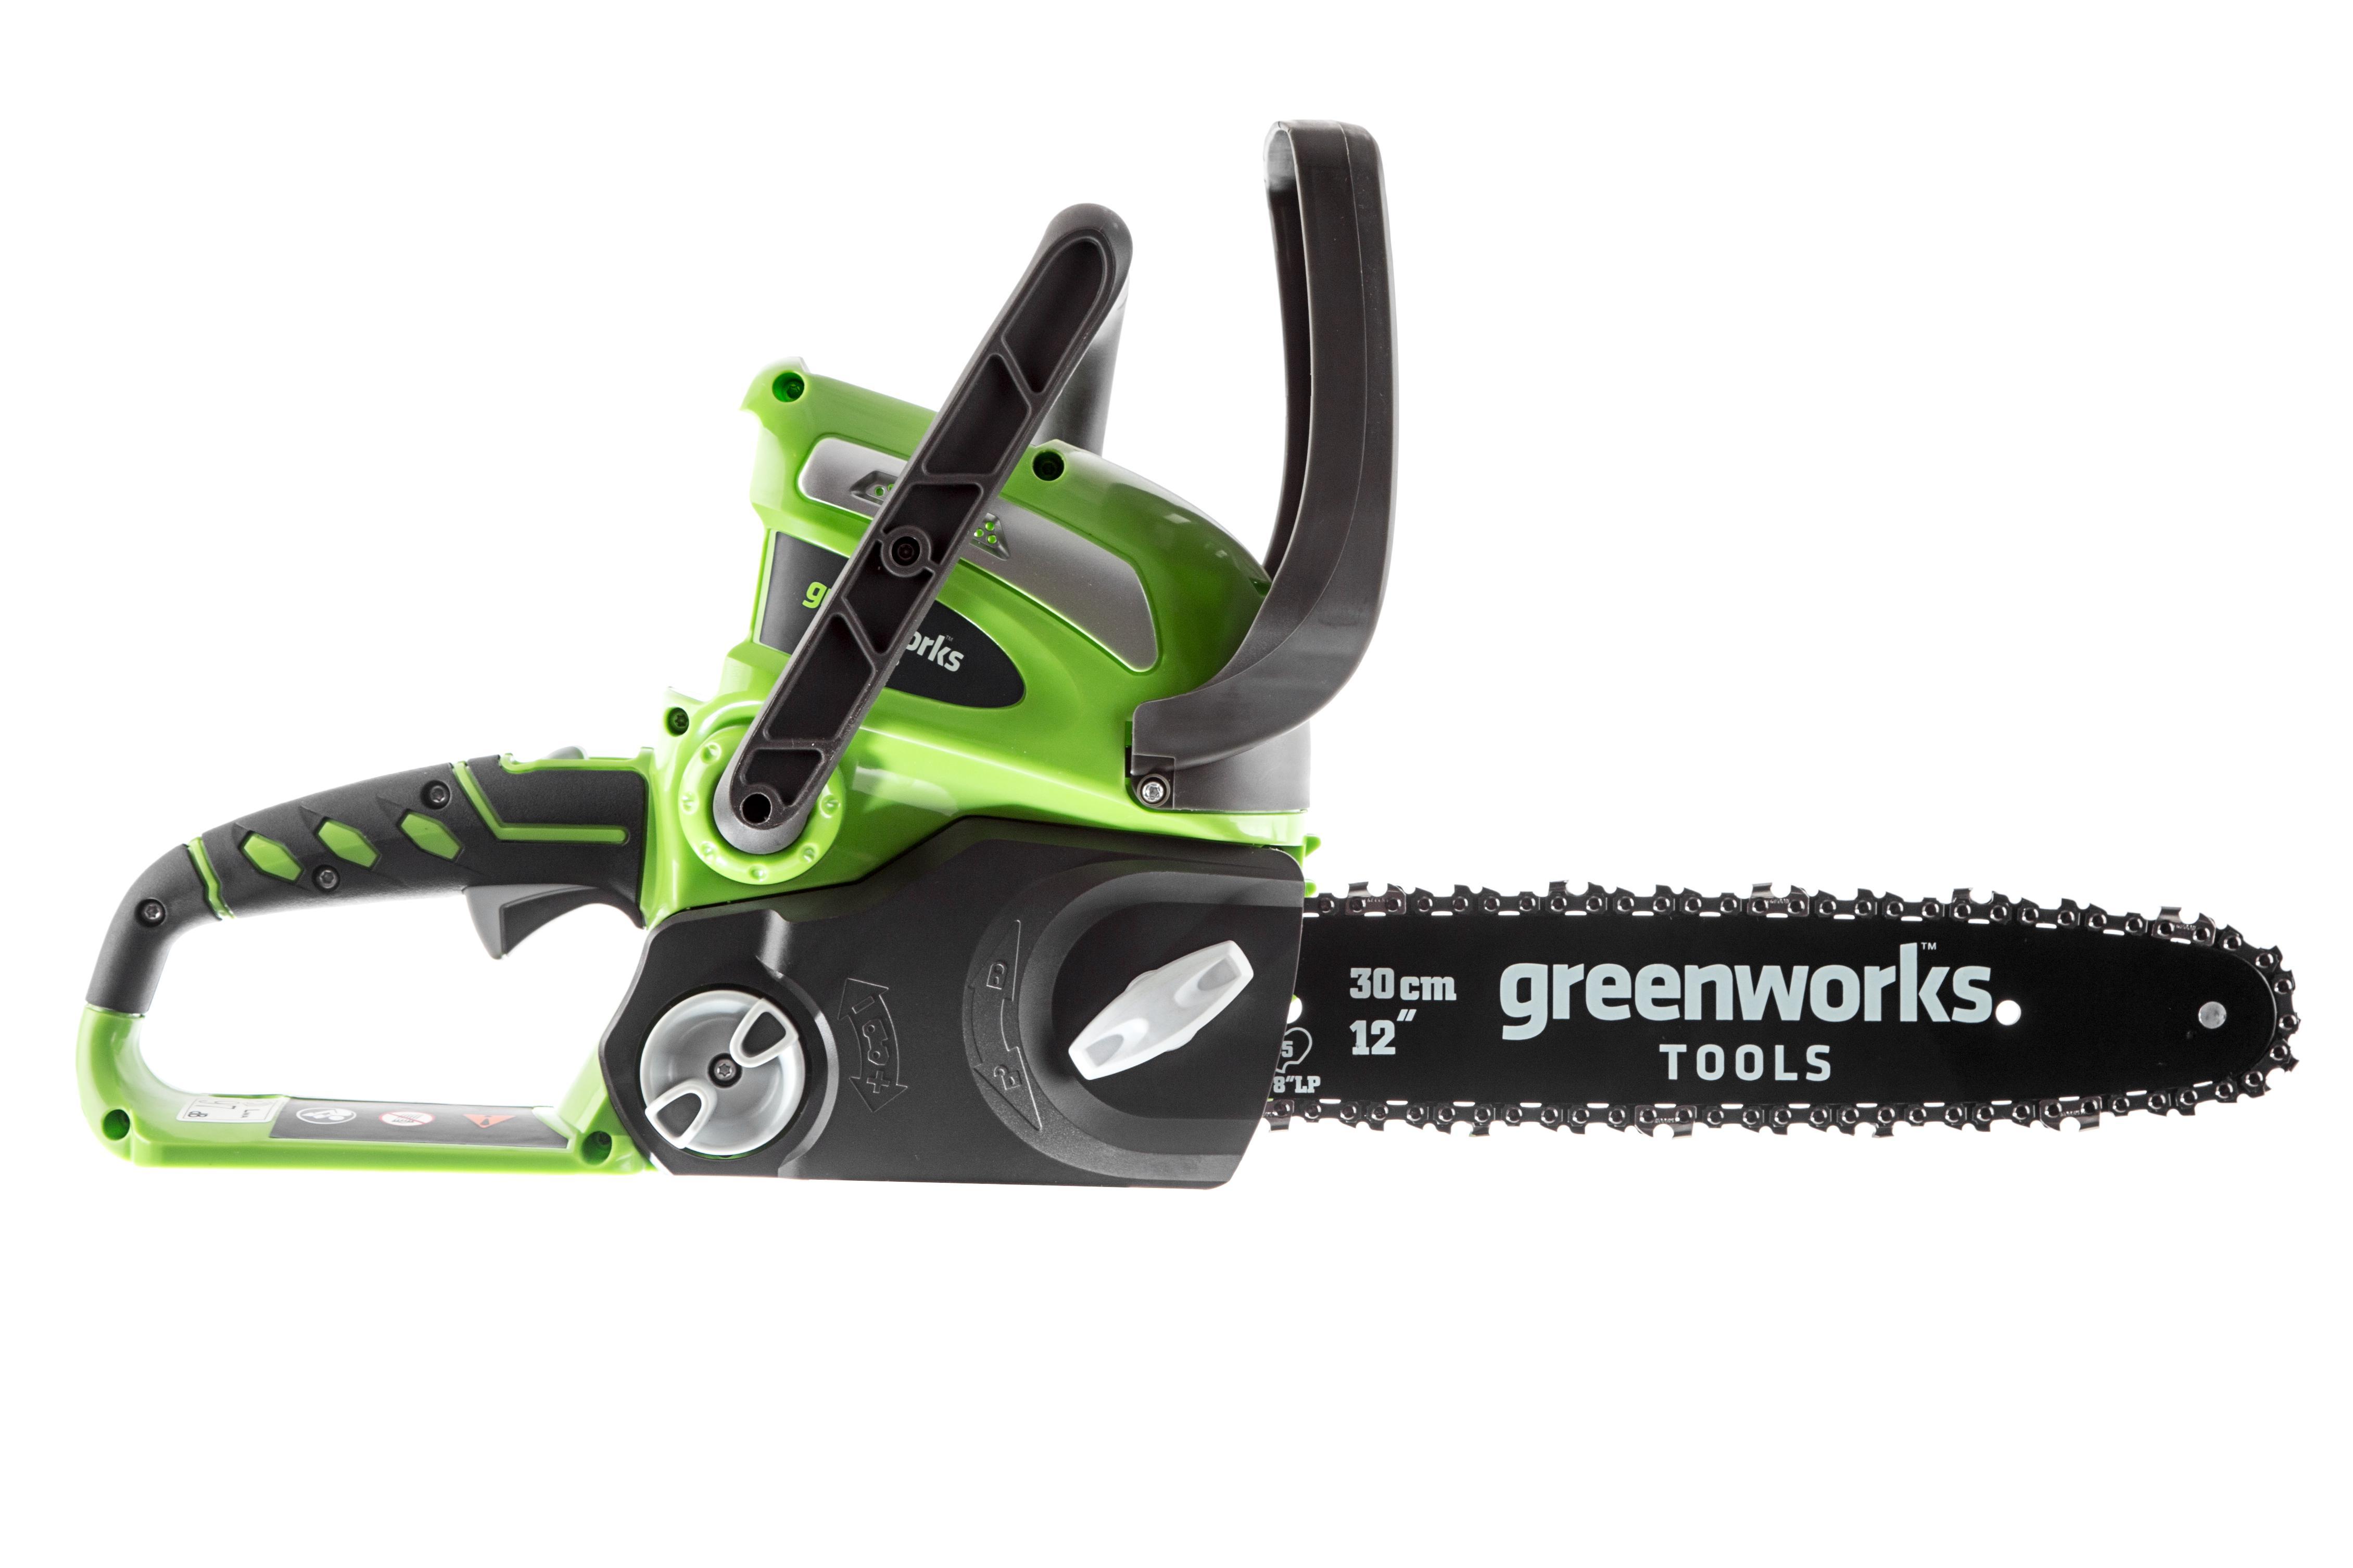 Пила цепная аккумуляторная Greenworks G40cs30 (20117) БЕЗ АККУМ и ЗУ дрель шуруповерт greenworks gd24bd 3701607 без аккум и зу